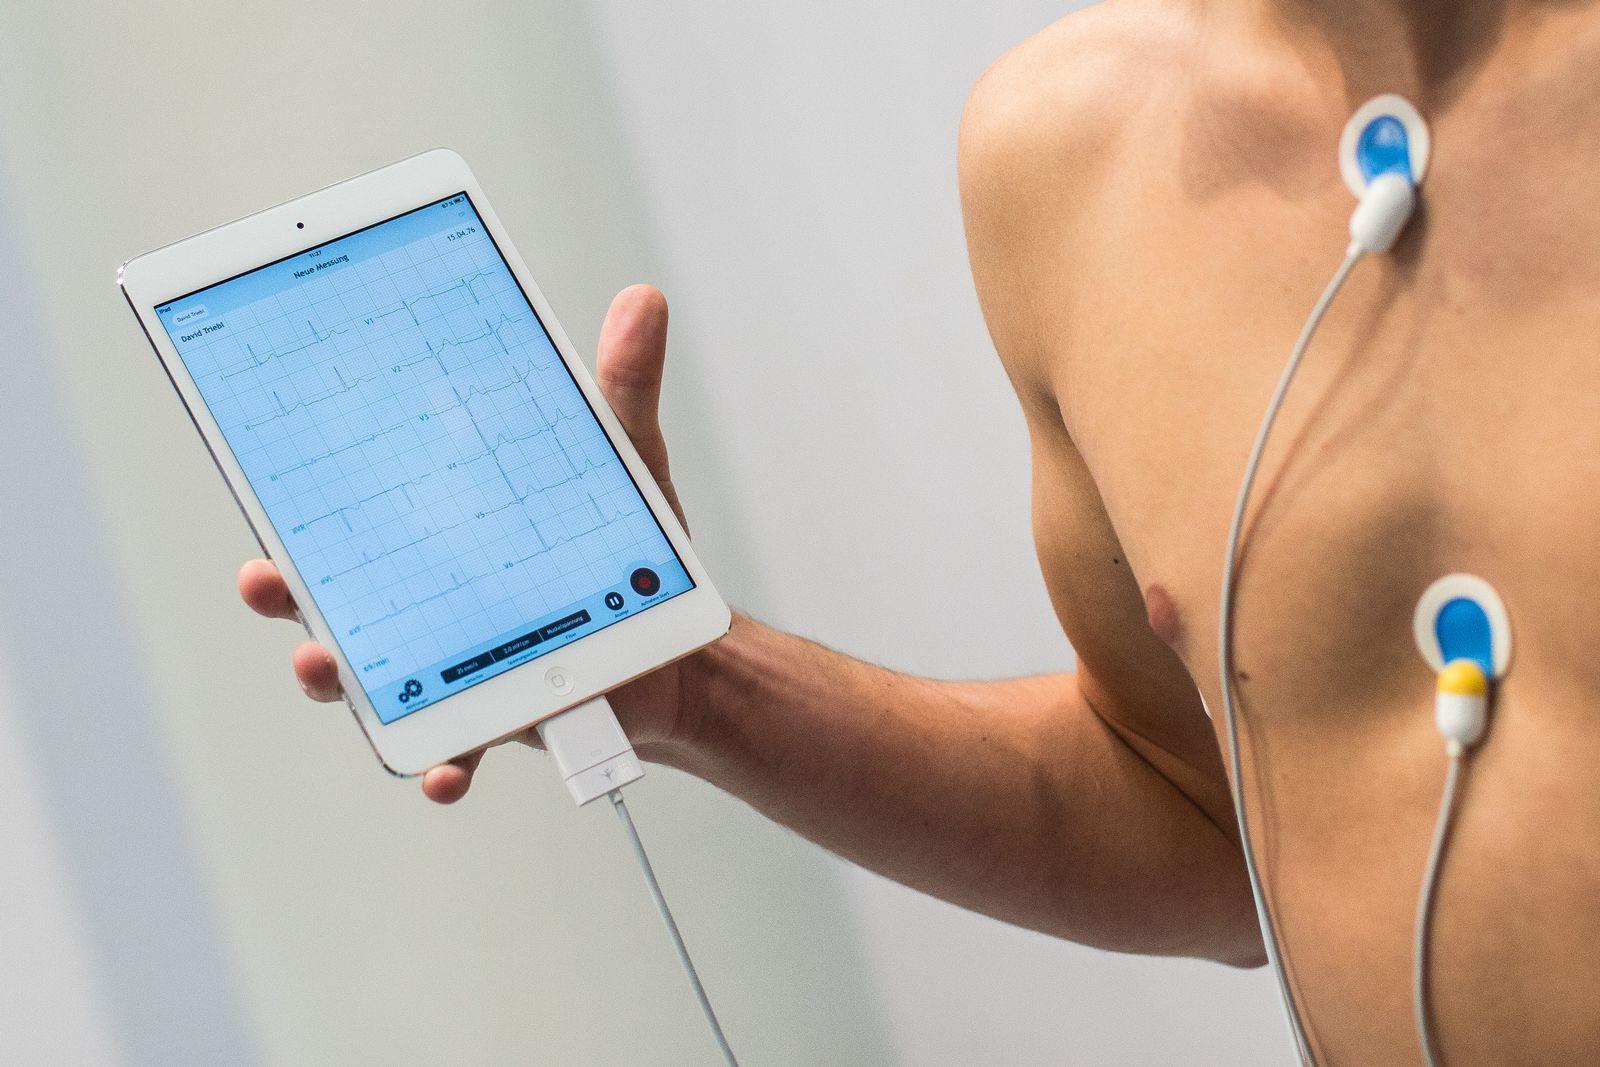 Digitale Technologie im Gesundheitsbereich